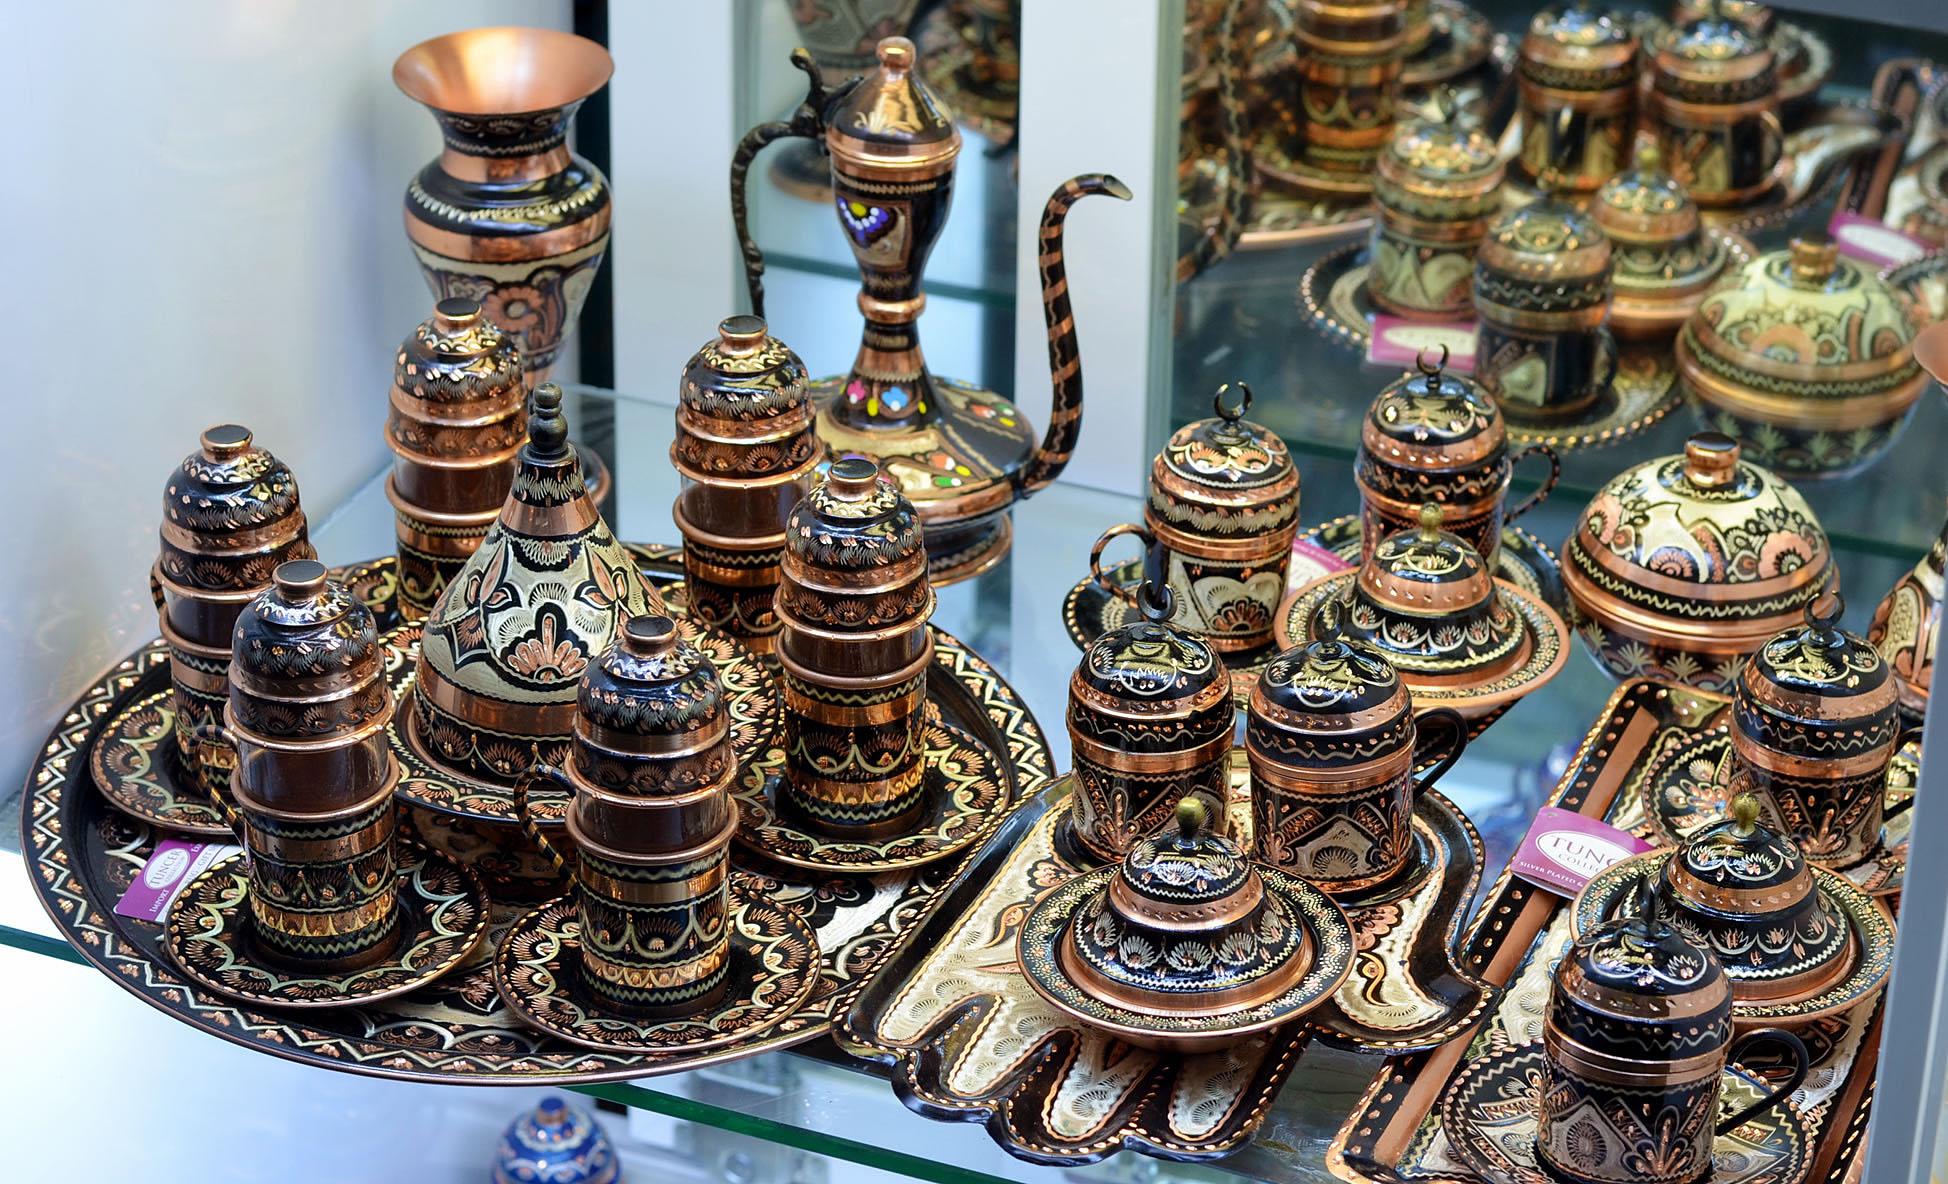 Турецкие сувениры: чайные наборы